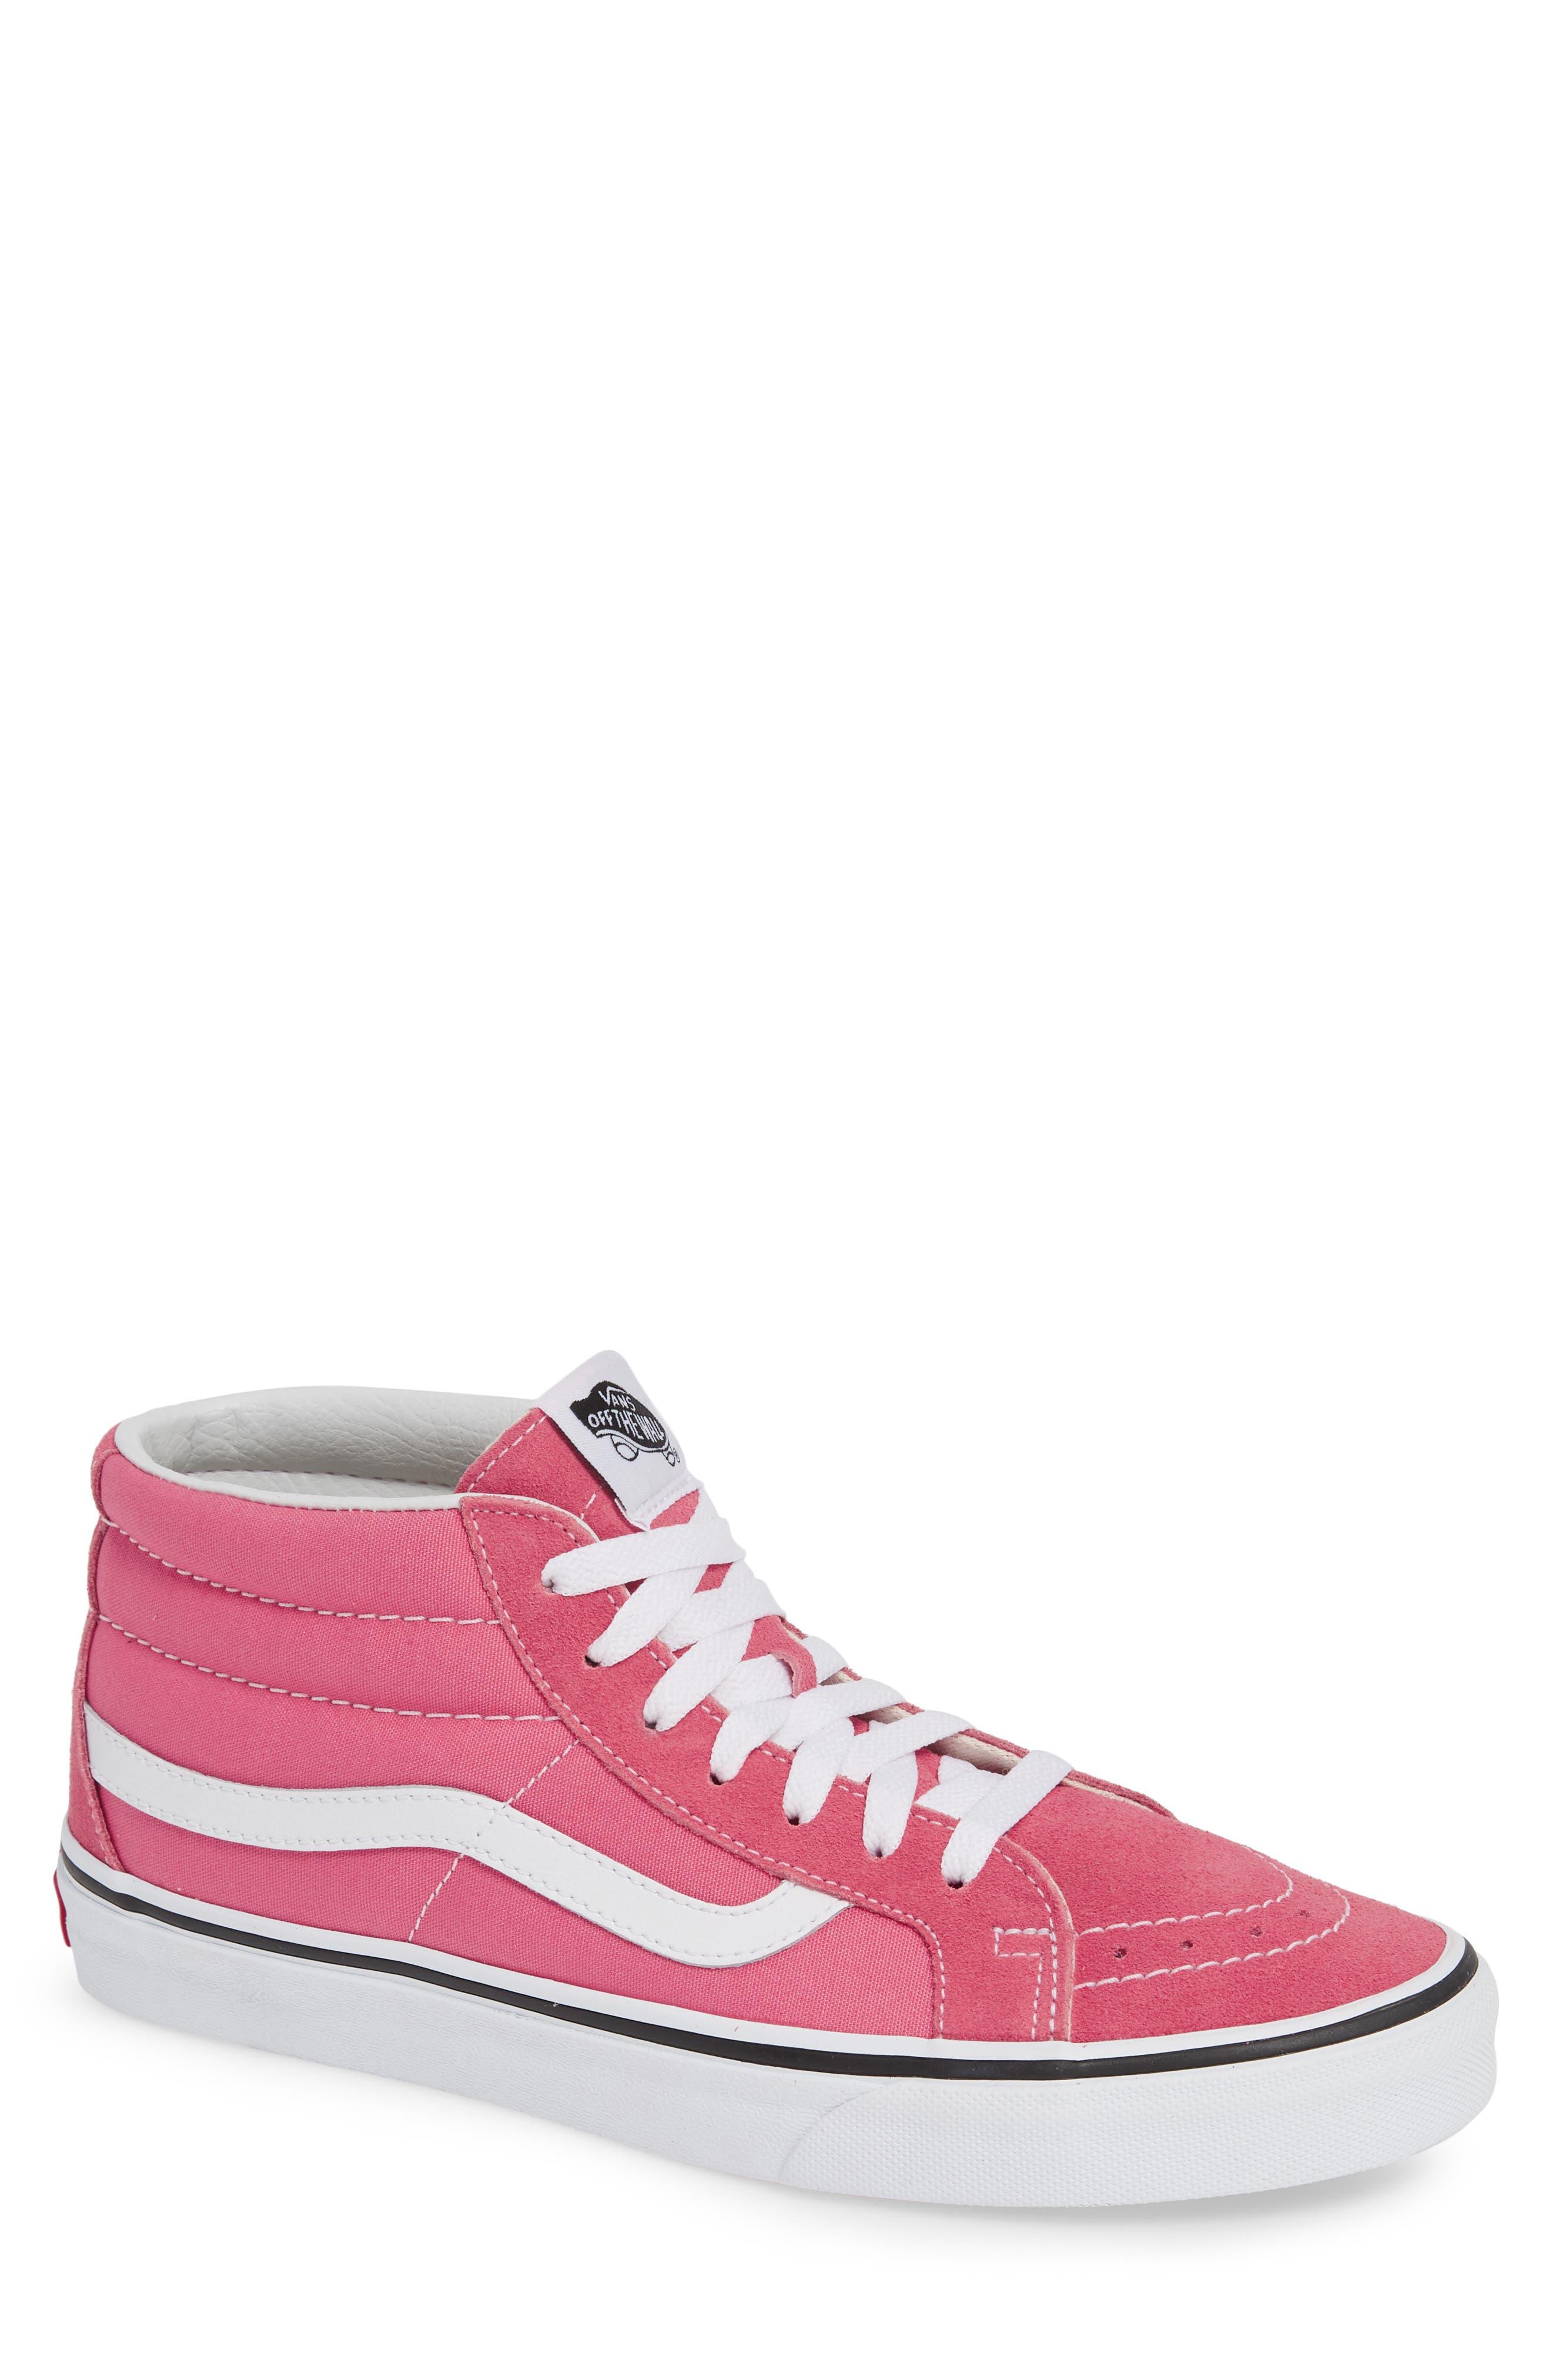 vans shoes man navy